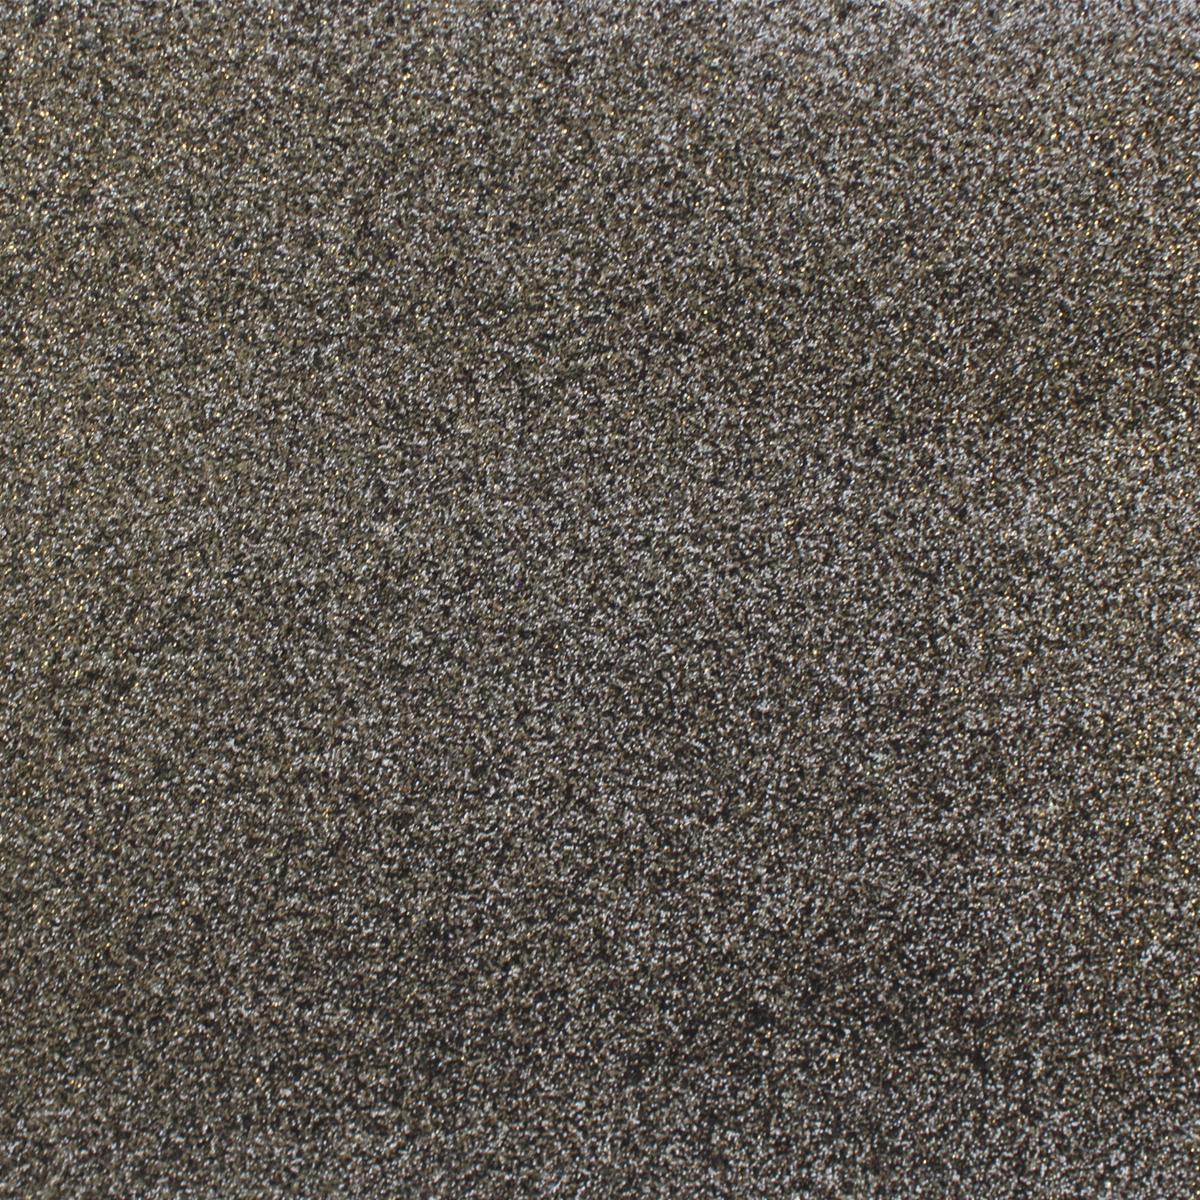 Ткань для рукоделия Ki Sign, с глиттером, цвет: коричневый, 70 х 45 см7716492_61 коричневыйТкань для рукоделия Ki Sign с глиттером (55% ПВХ, 45% полиэстер) предназначена для шитья текстильных кукол и игрушек, пэчворк-работ, для квилтинга и скрапбукинга. Такая ткань удобна в раскрое, не скользит, легко стирается и достаточно прочная.